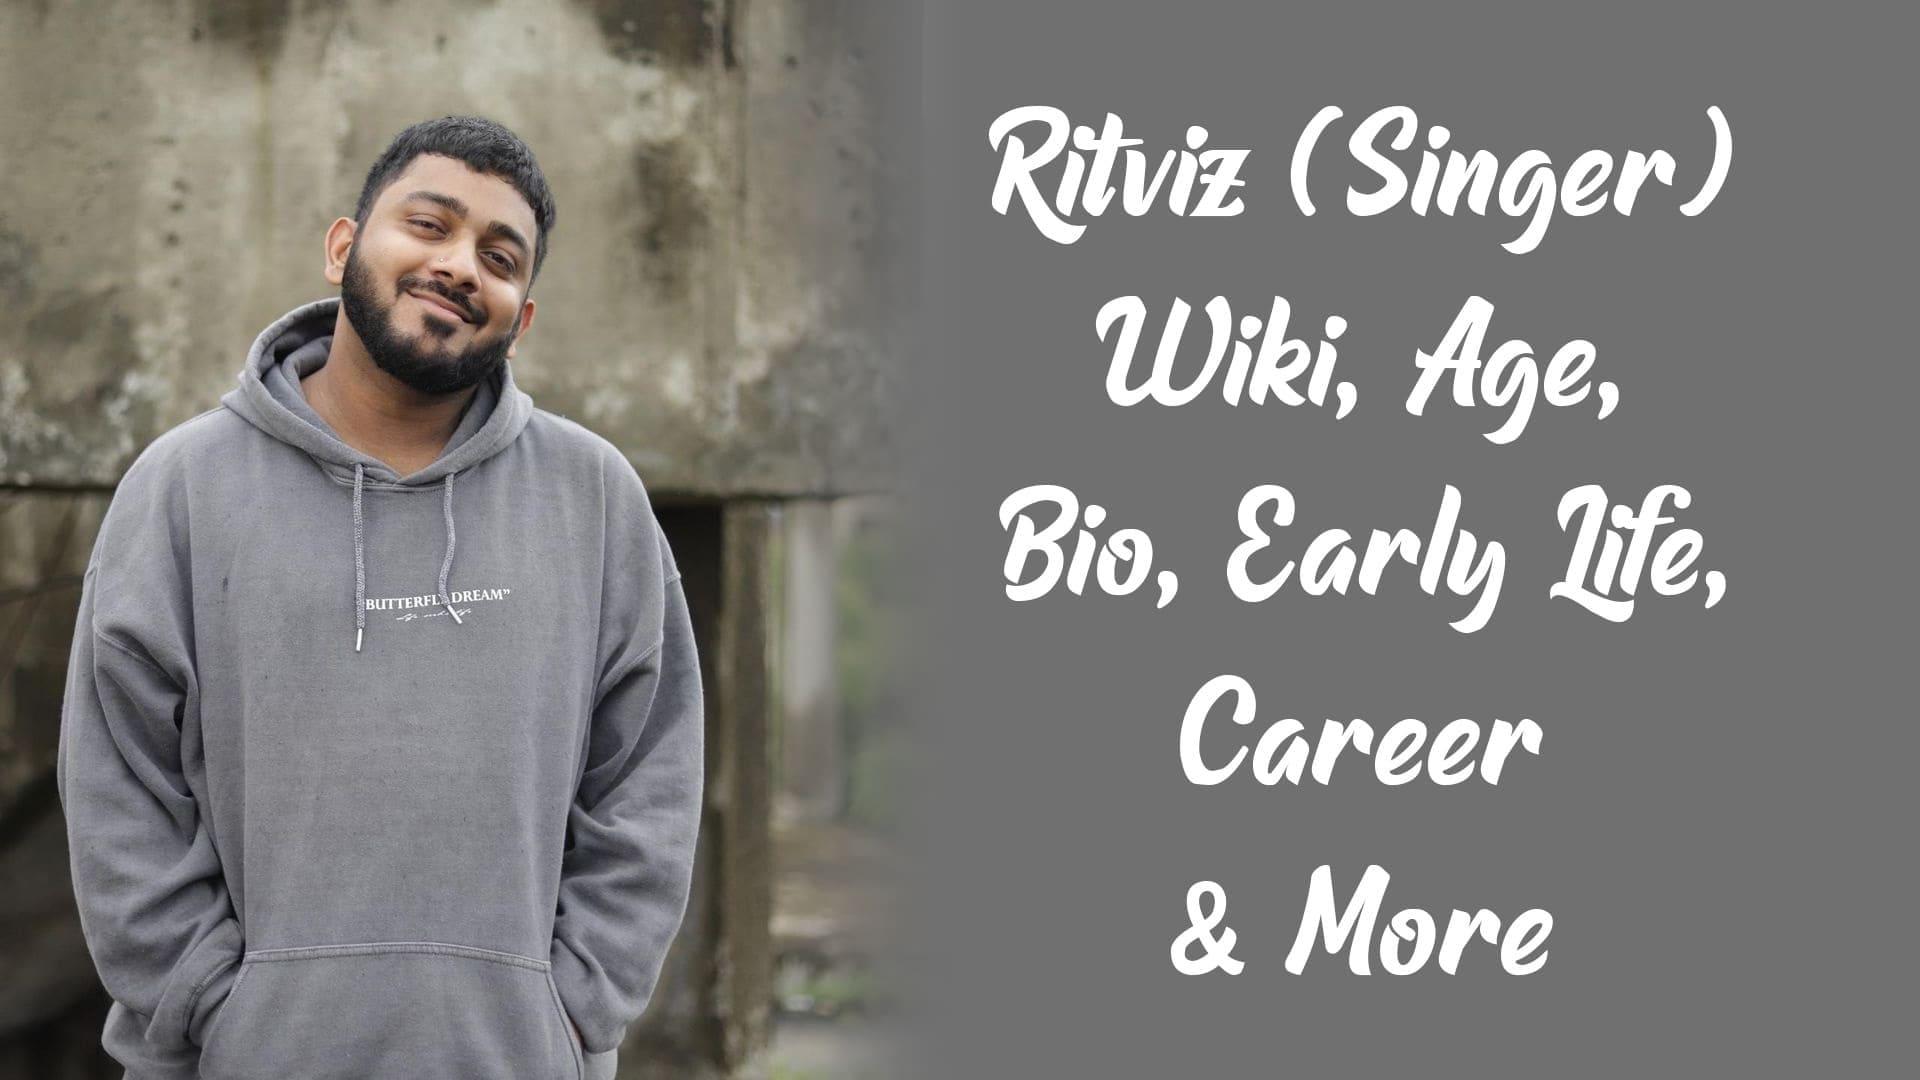 Ritviz (Singer) Wiki, Age, Bio, Early Life, Career & More 1